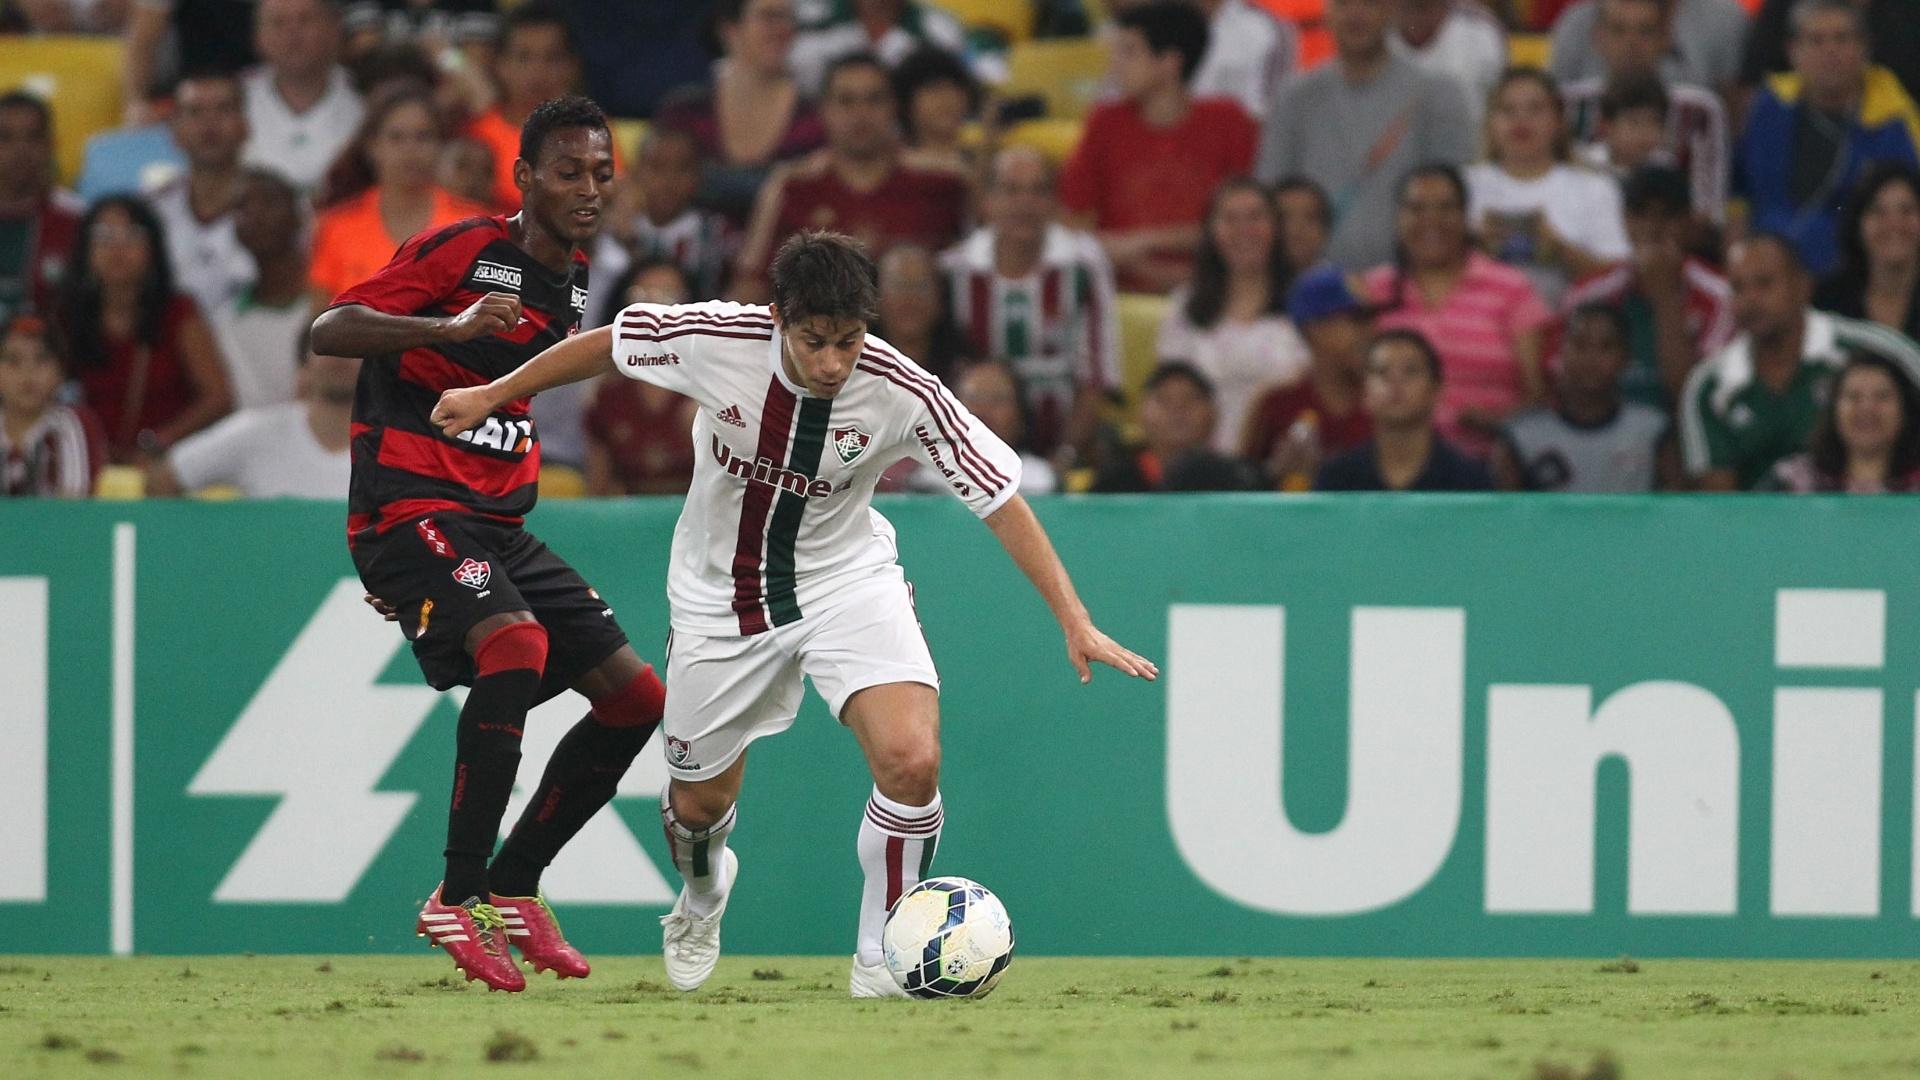 3.mai.2014 - Conca tenta se livrar da marcação de Marquinhos durante a partida entre Fluminense e Vitória, no Maracanã